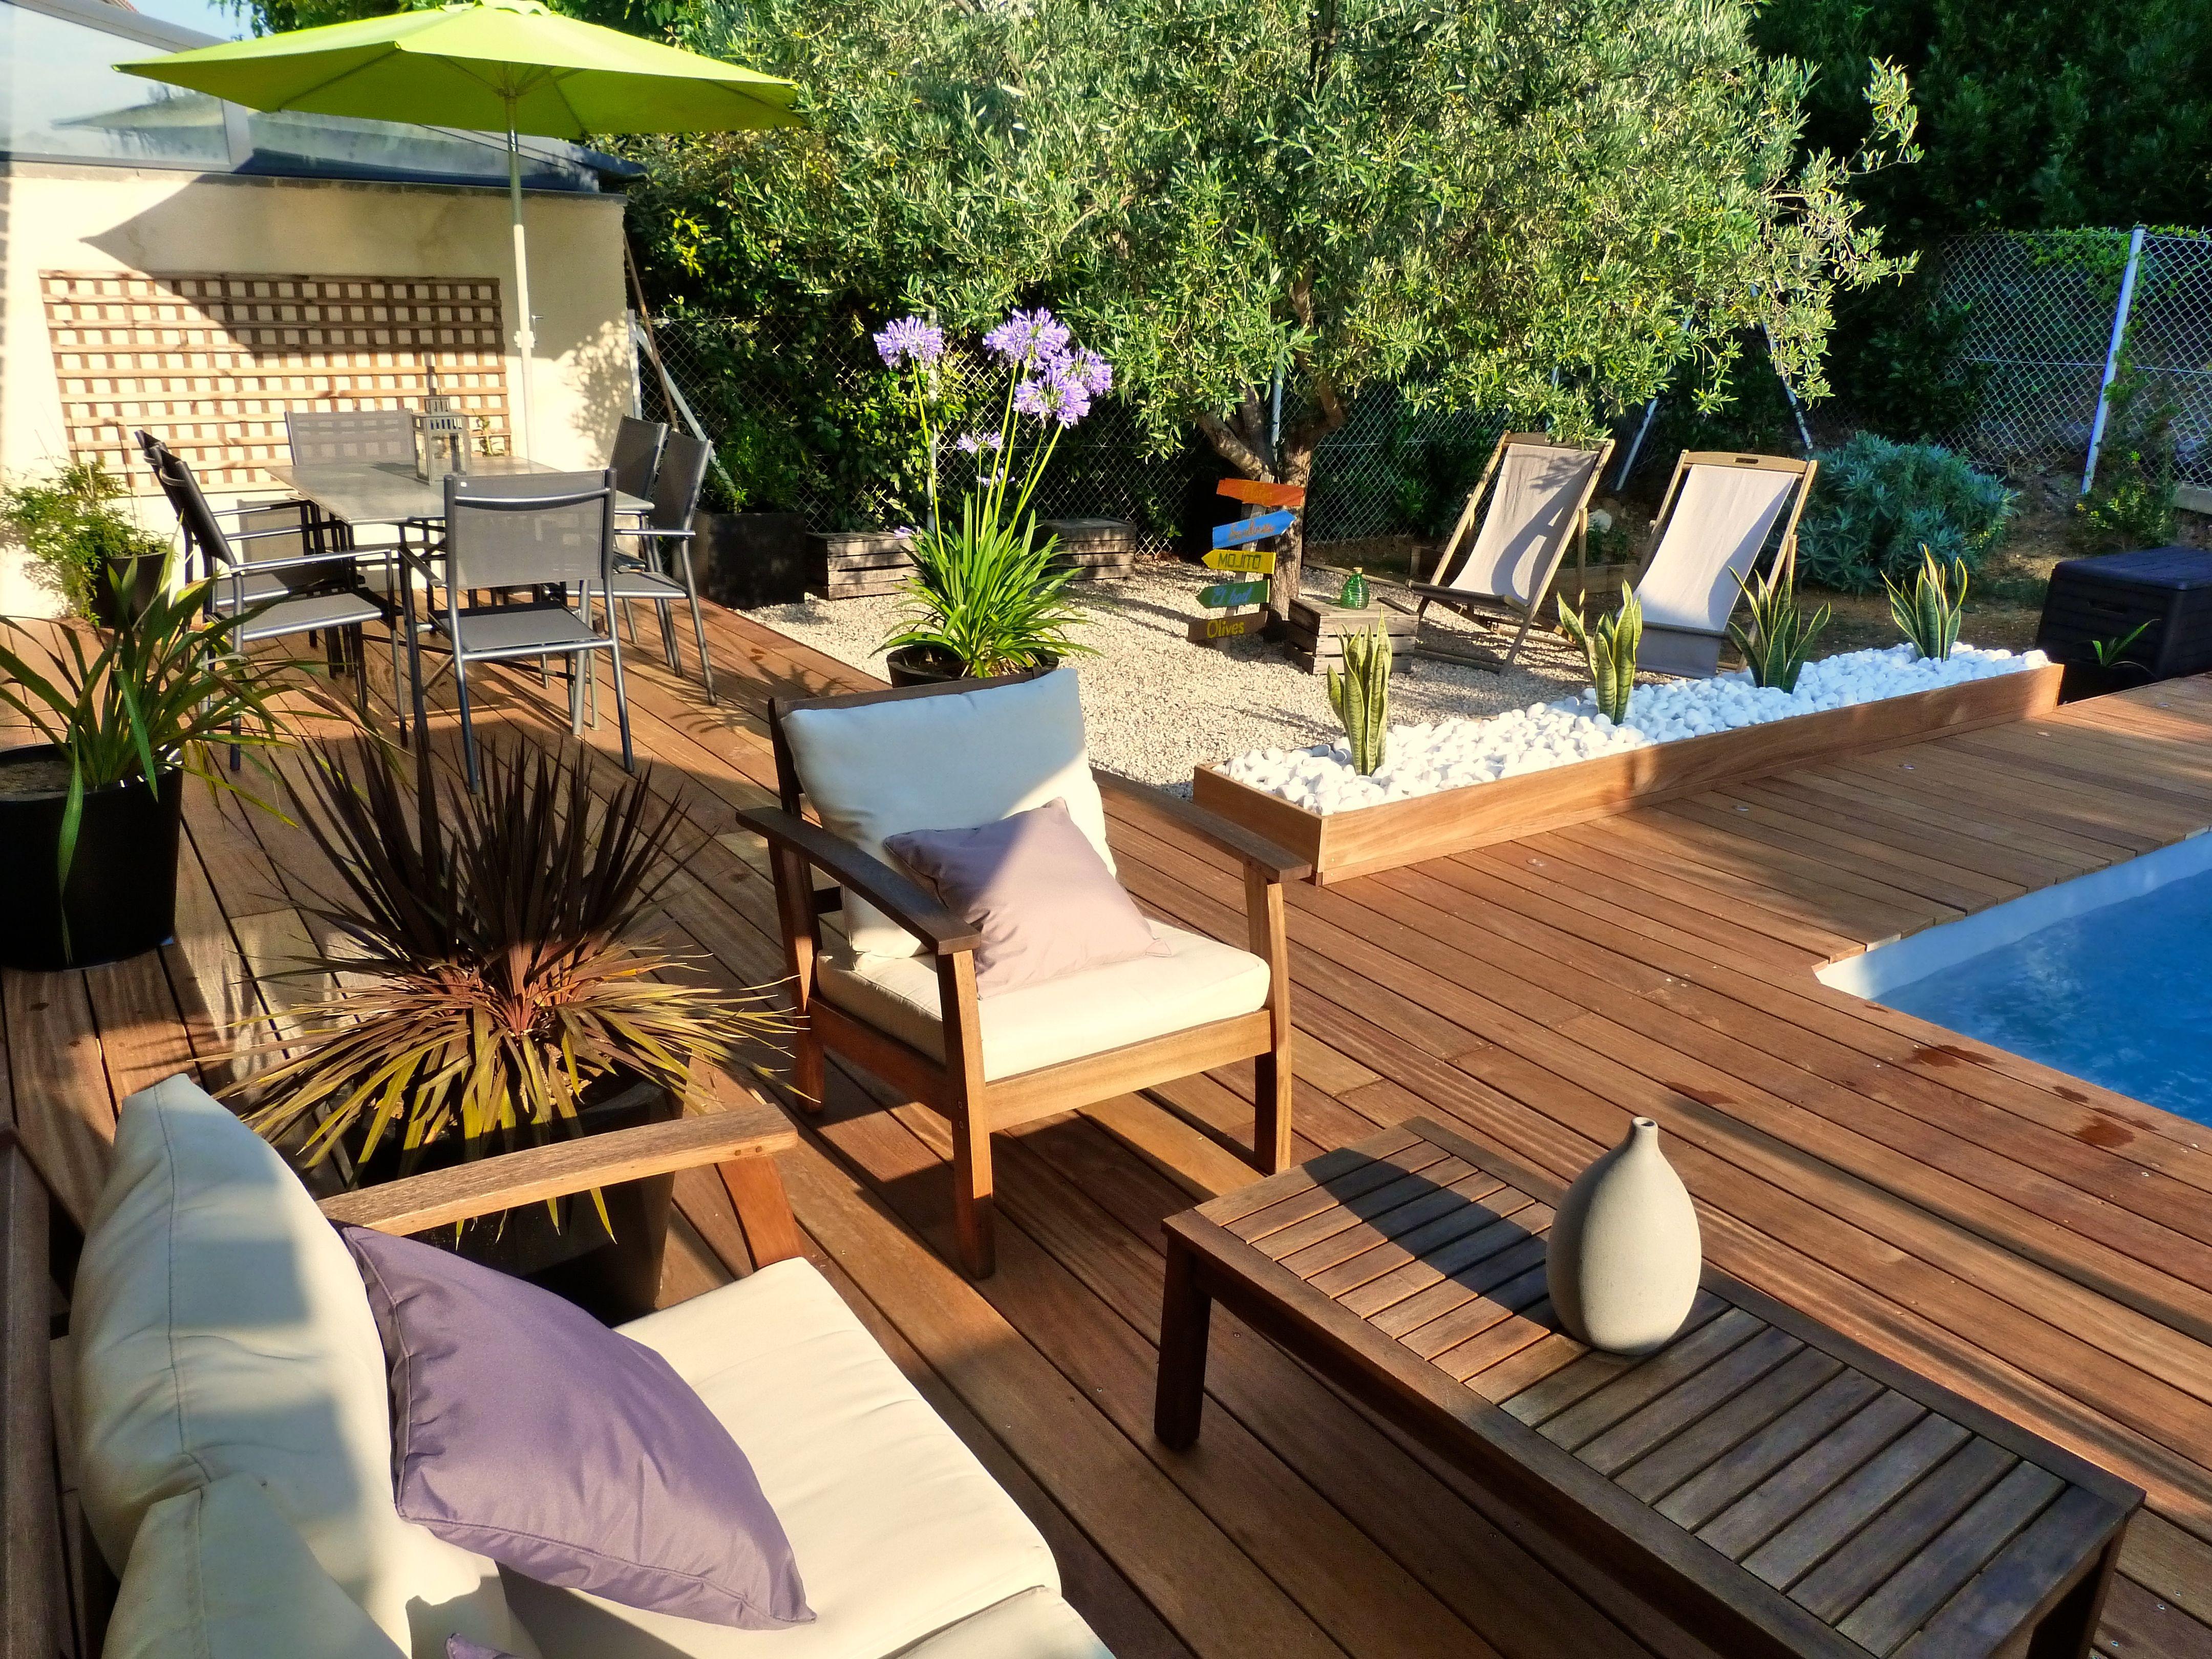 Salon de jardin autour de la piscine